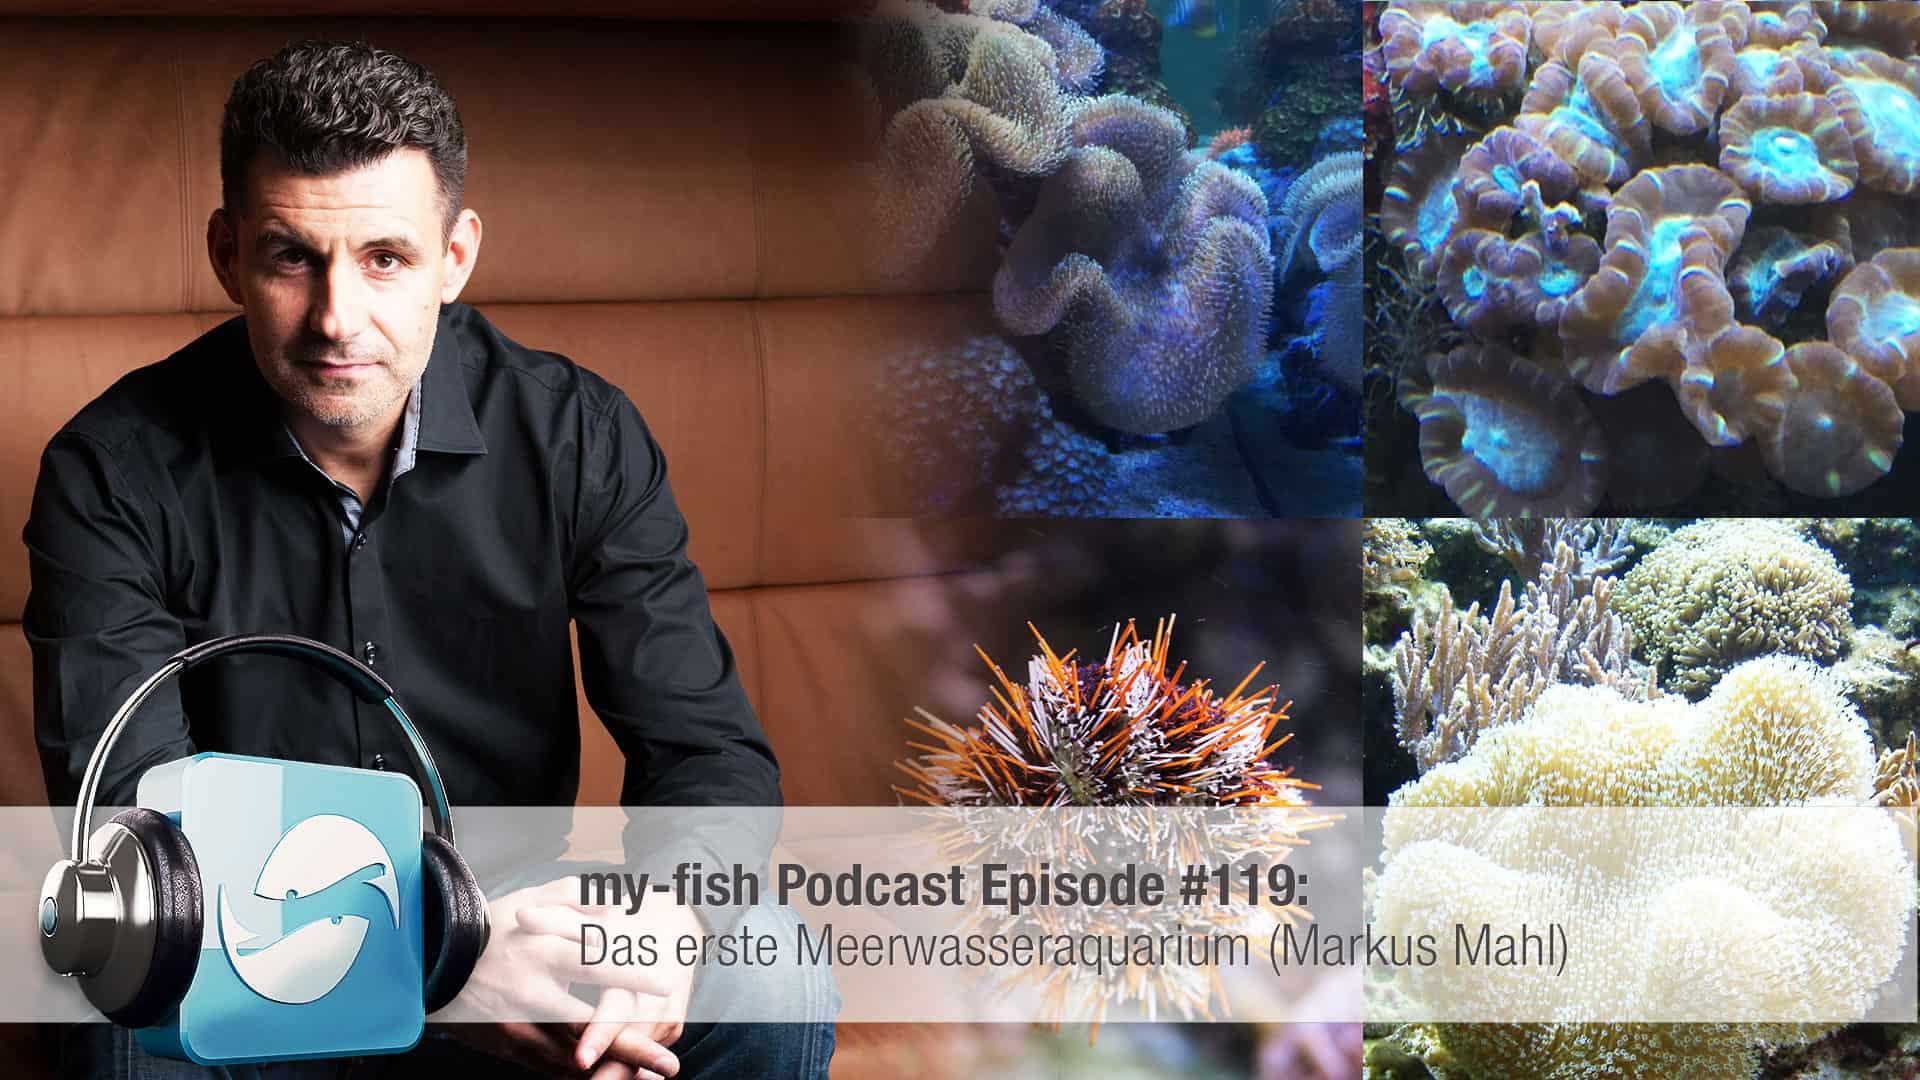 Podcast Episode #119: Das erste Meerwasseraquarium (Markus Mahl) 1